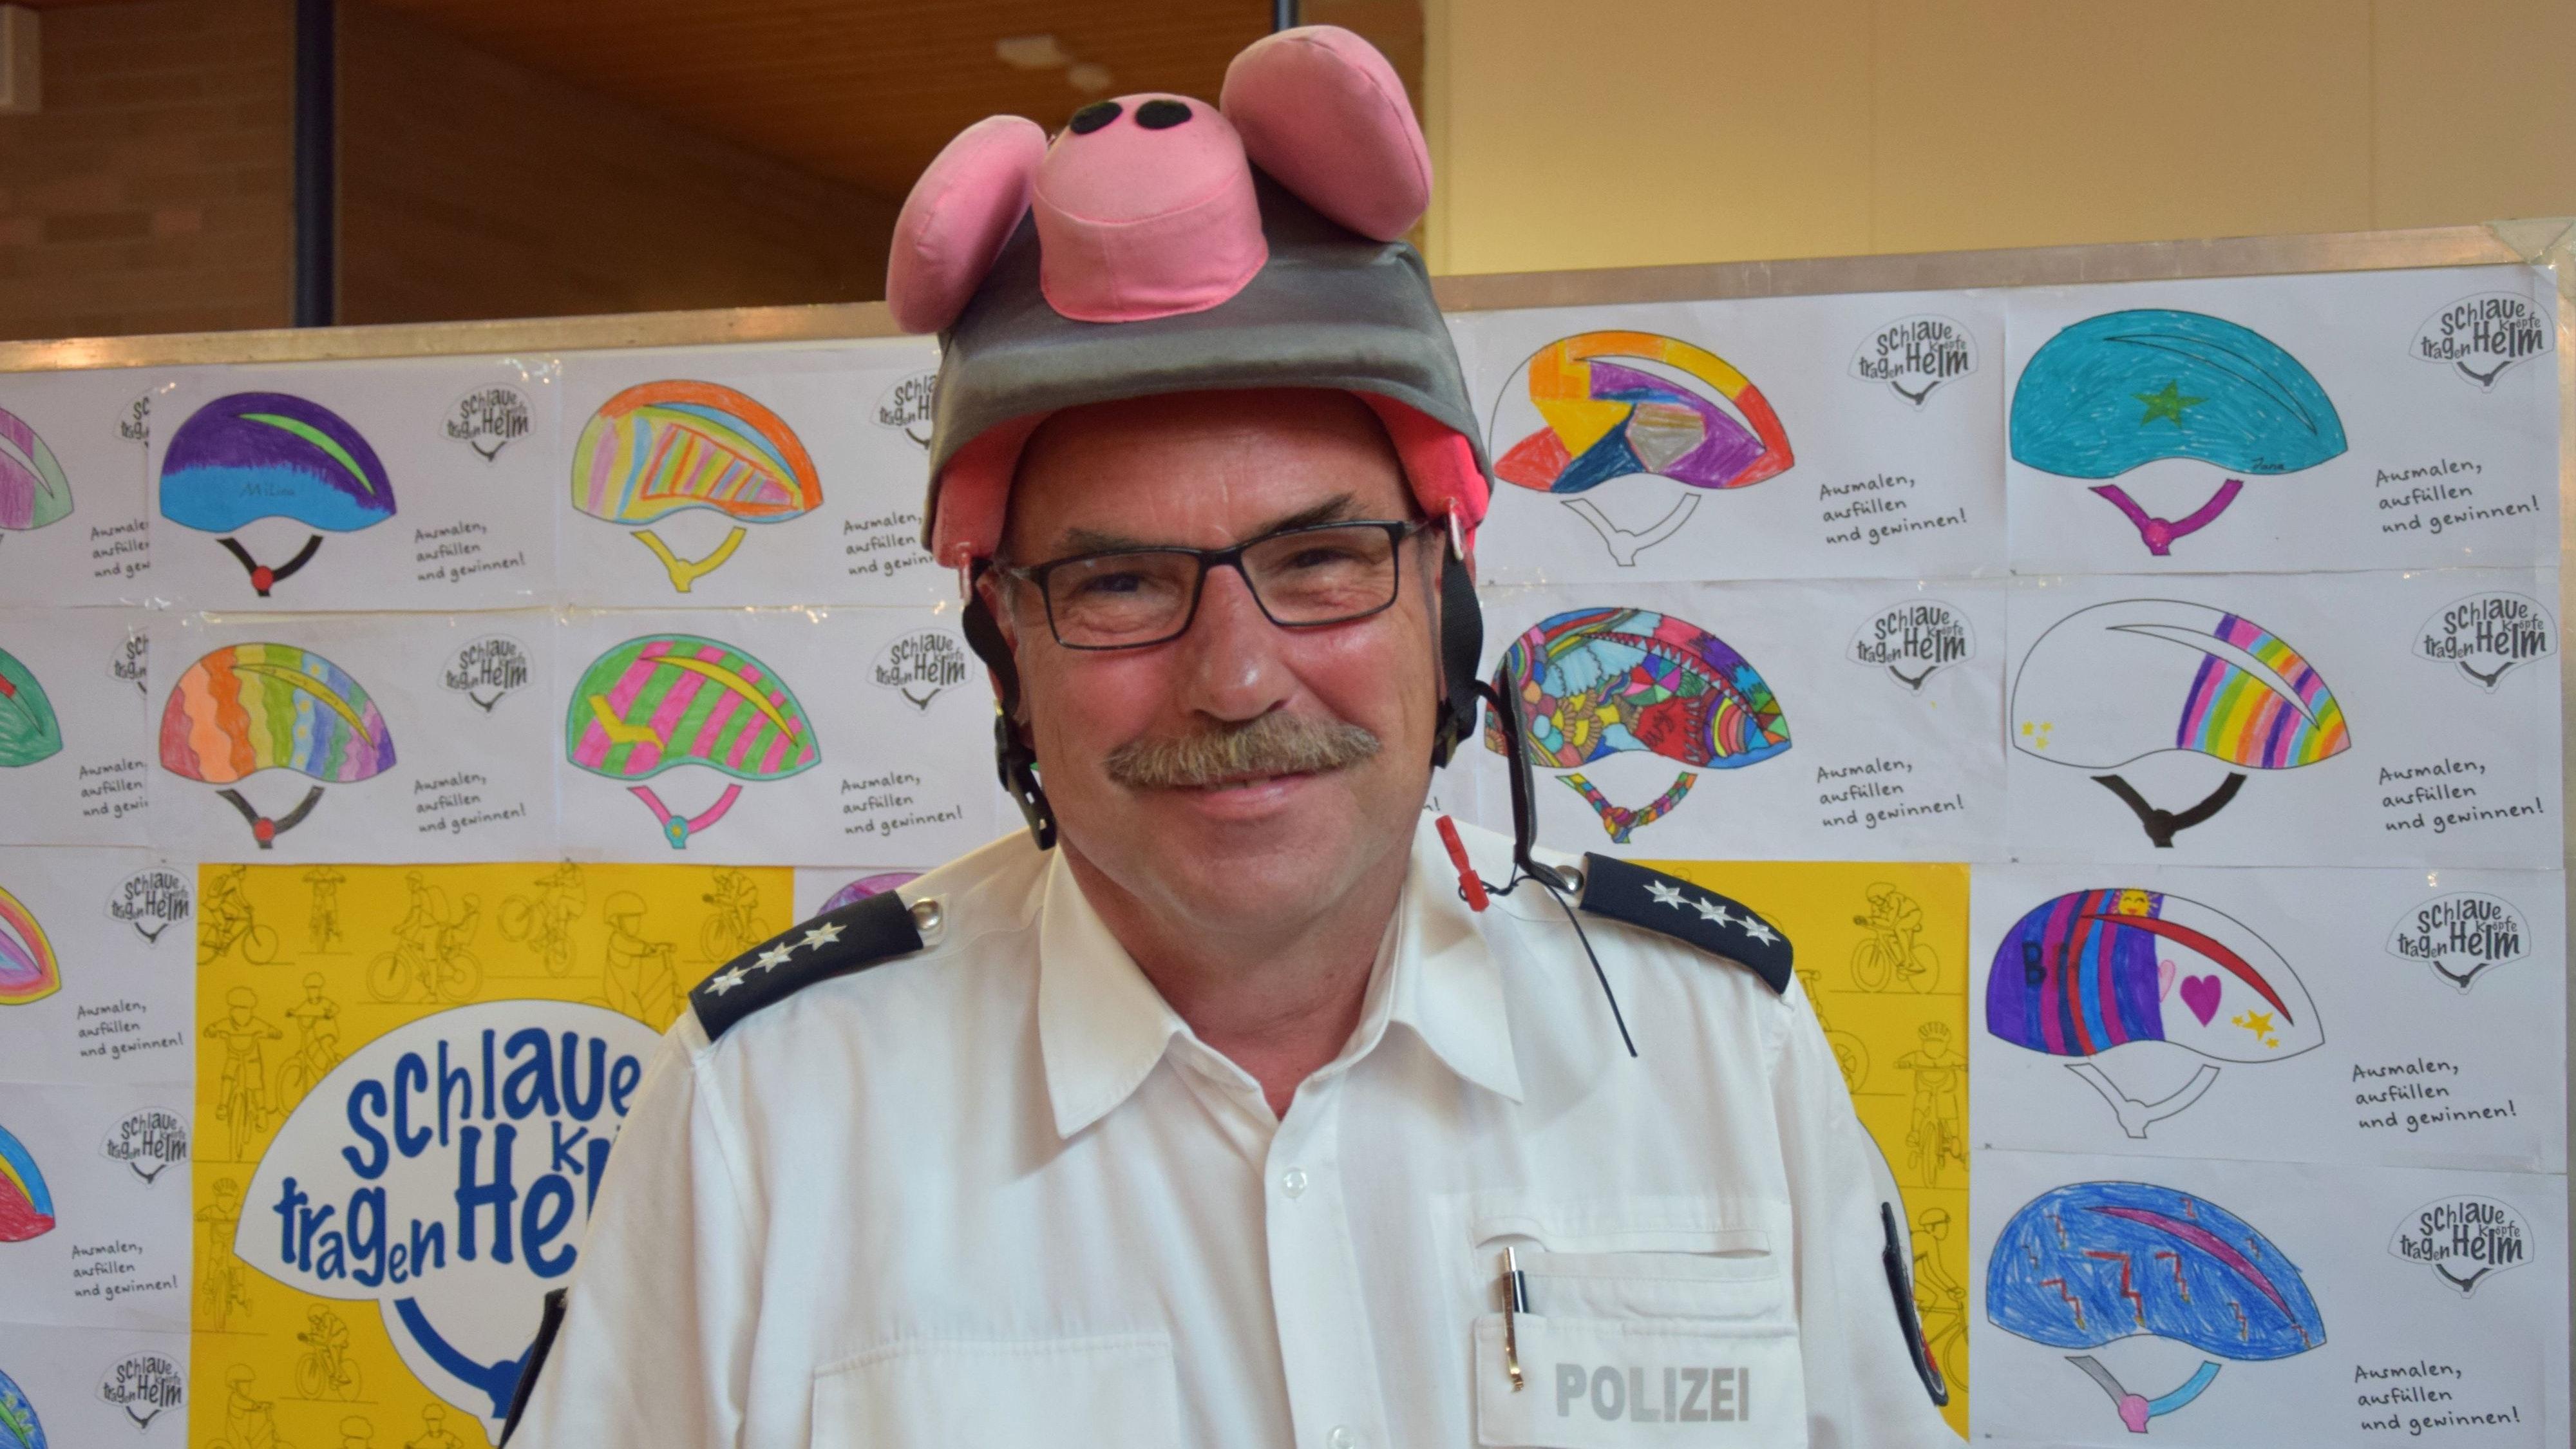 Schlauer Kopf: Polizeihauptkommissar Thomas Stransky zeigte den Kindern seinen ganz besonderen Helm. Foto: Hahn